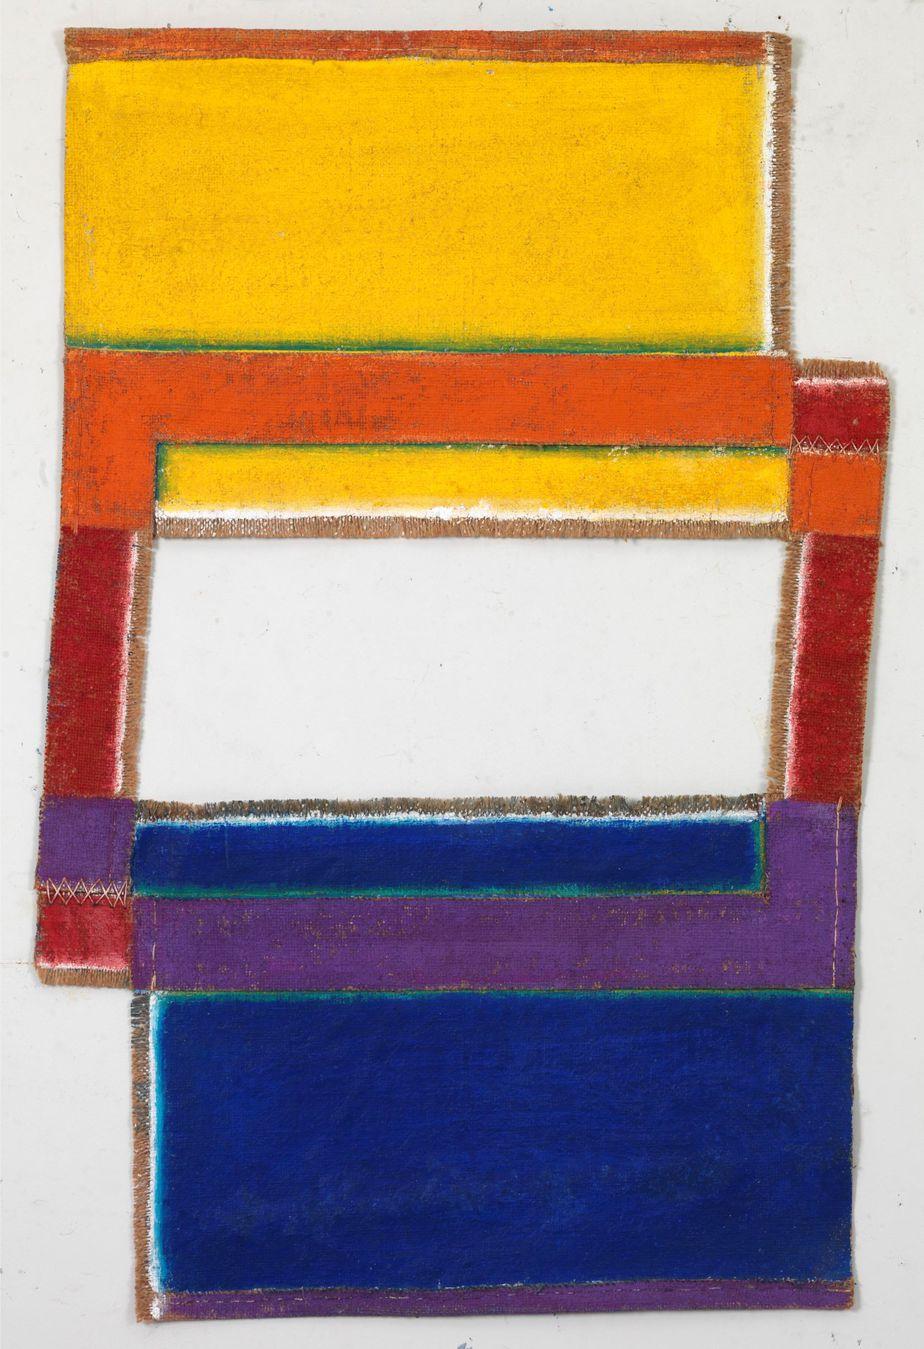 Δανιήλ Παναγόπουλος, Χωρίς τίτλο, 1972, Λάδι σε λινάτσα, 68 x 44 εκ.